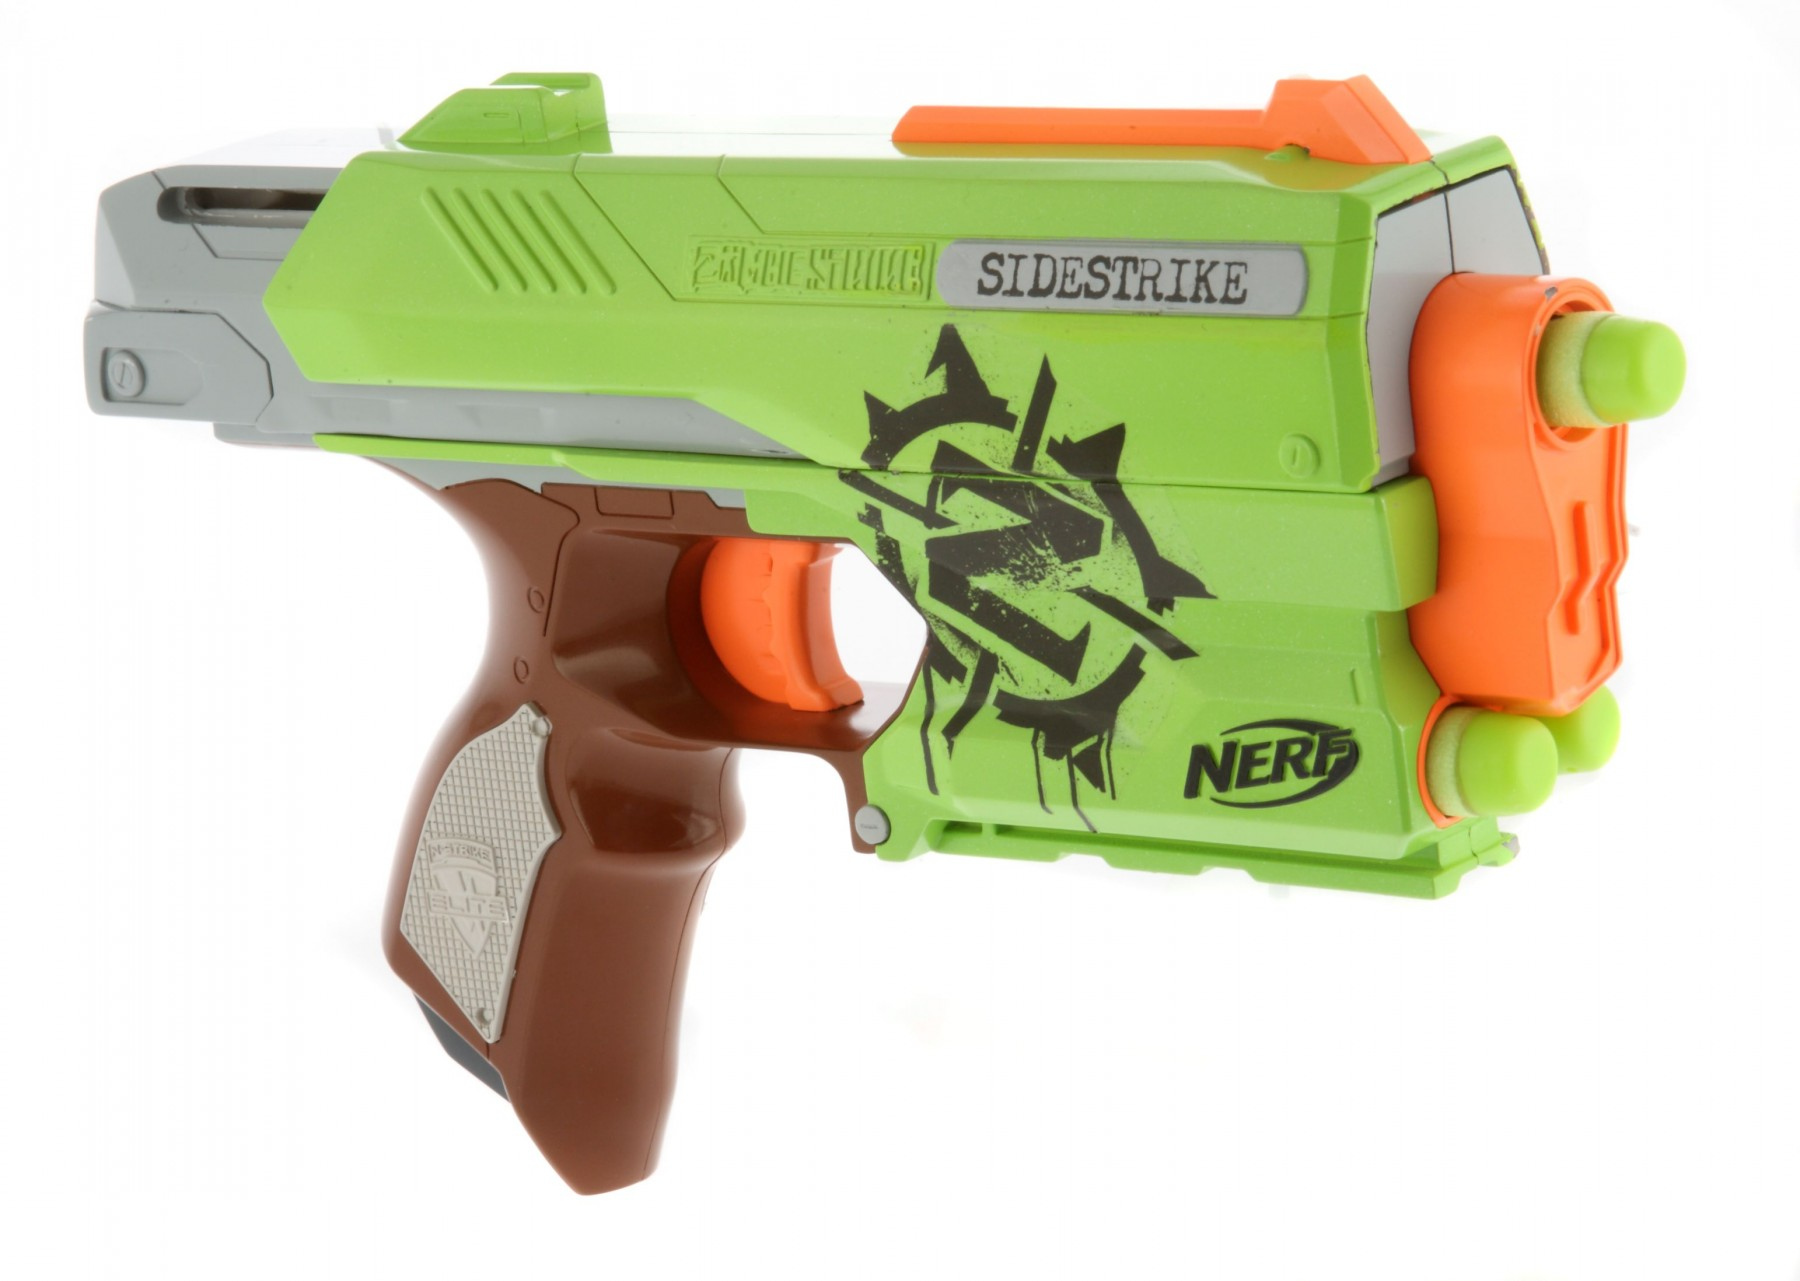 All4toys Nerf Zombie strike Side strike